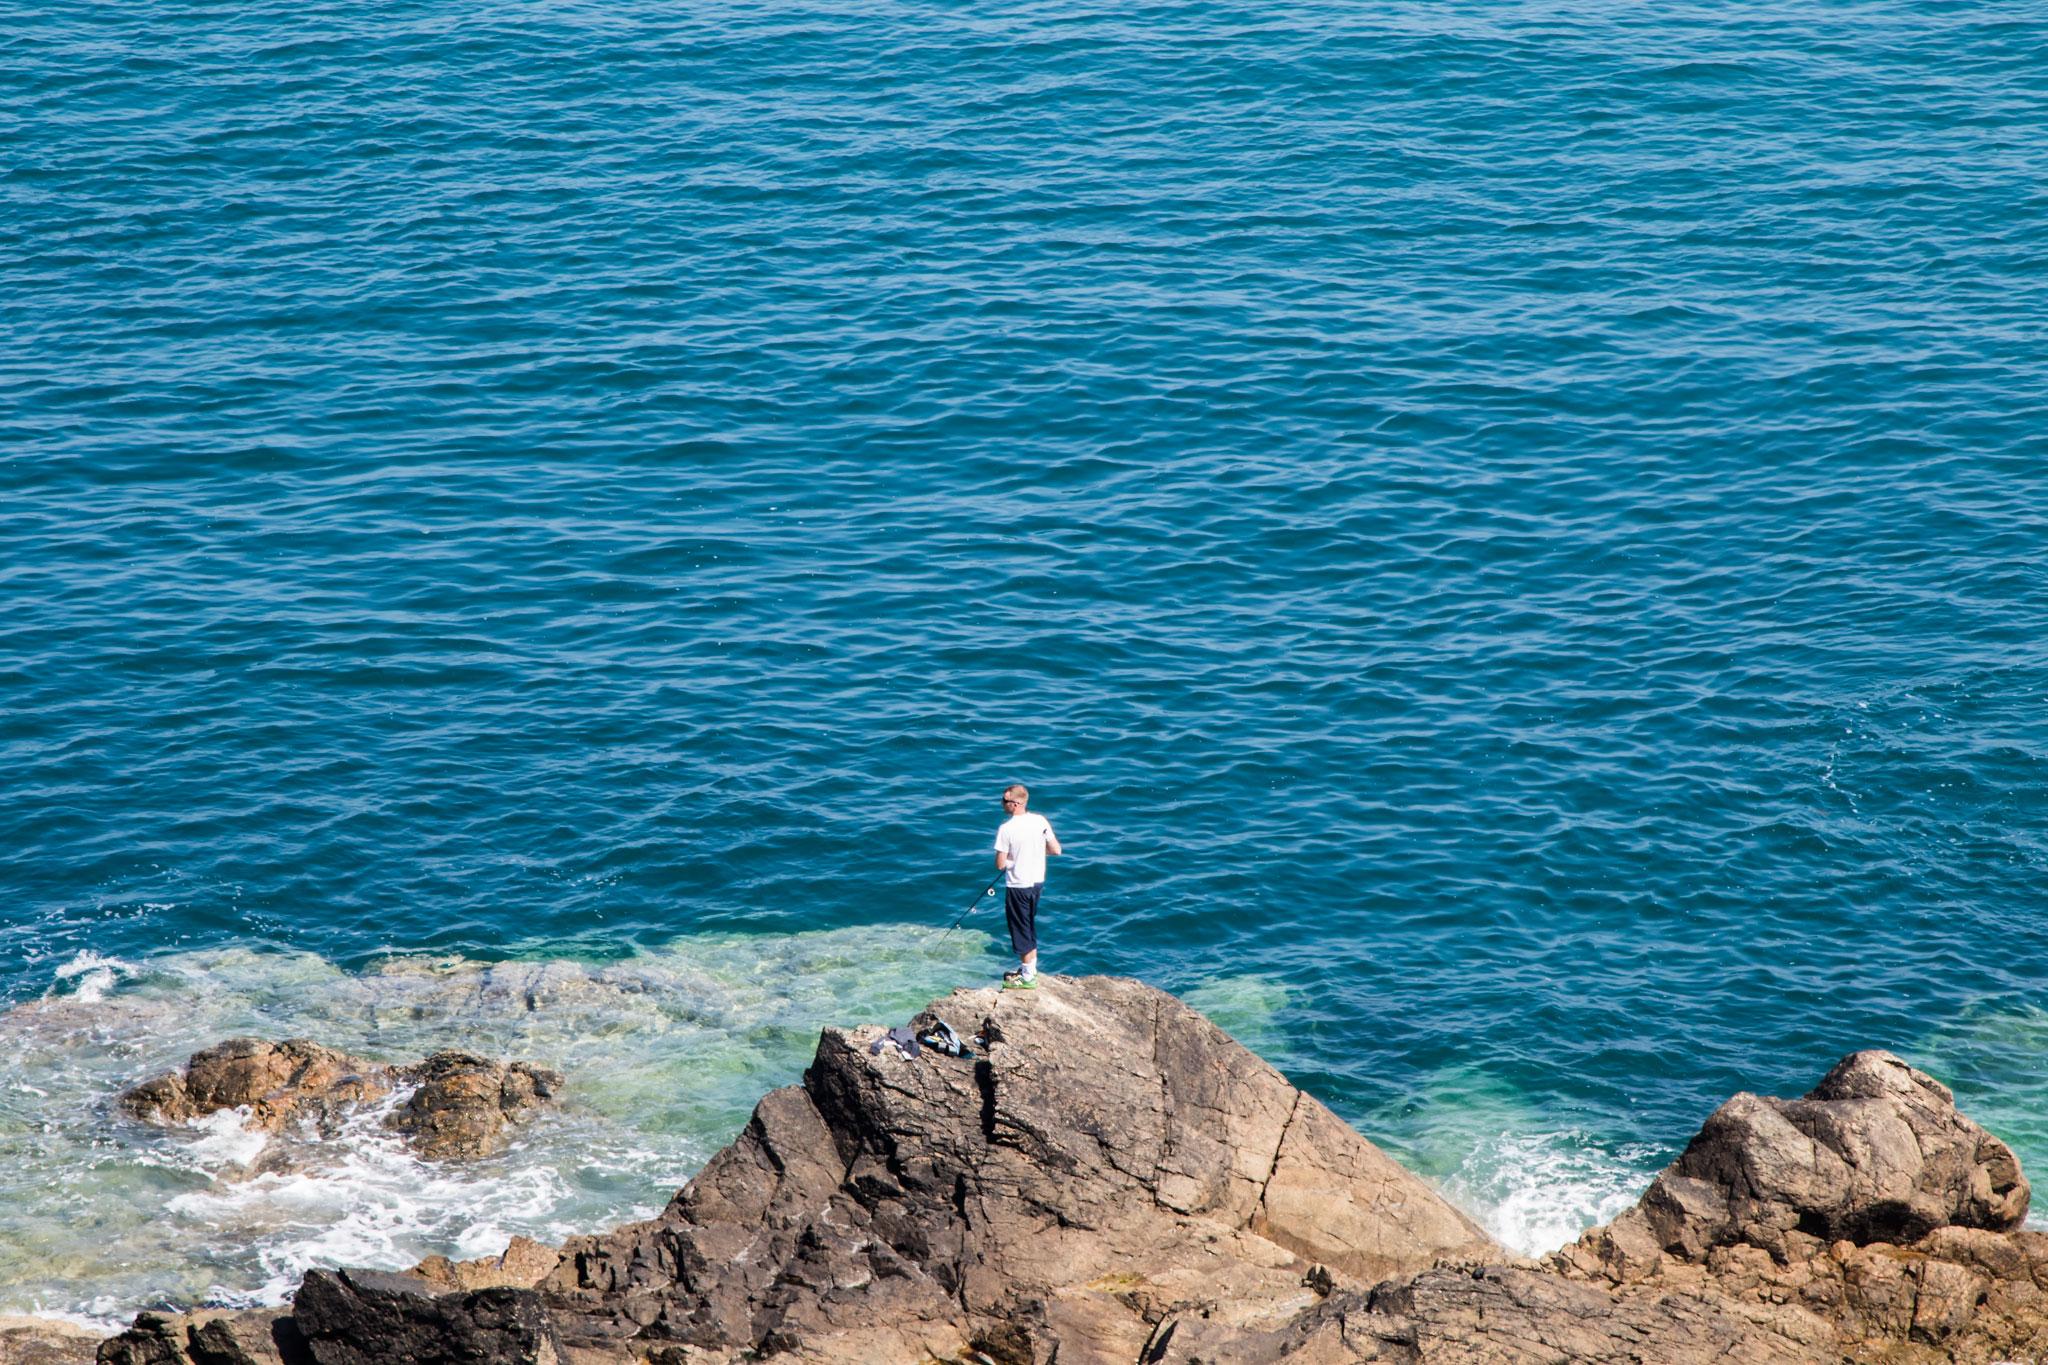 Ein Mann steht an der normannischen Küste auf einem Felsen und angelt